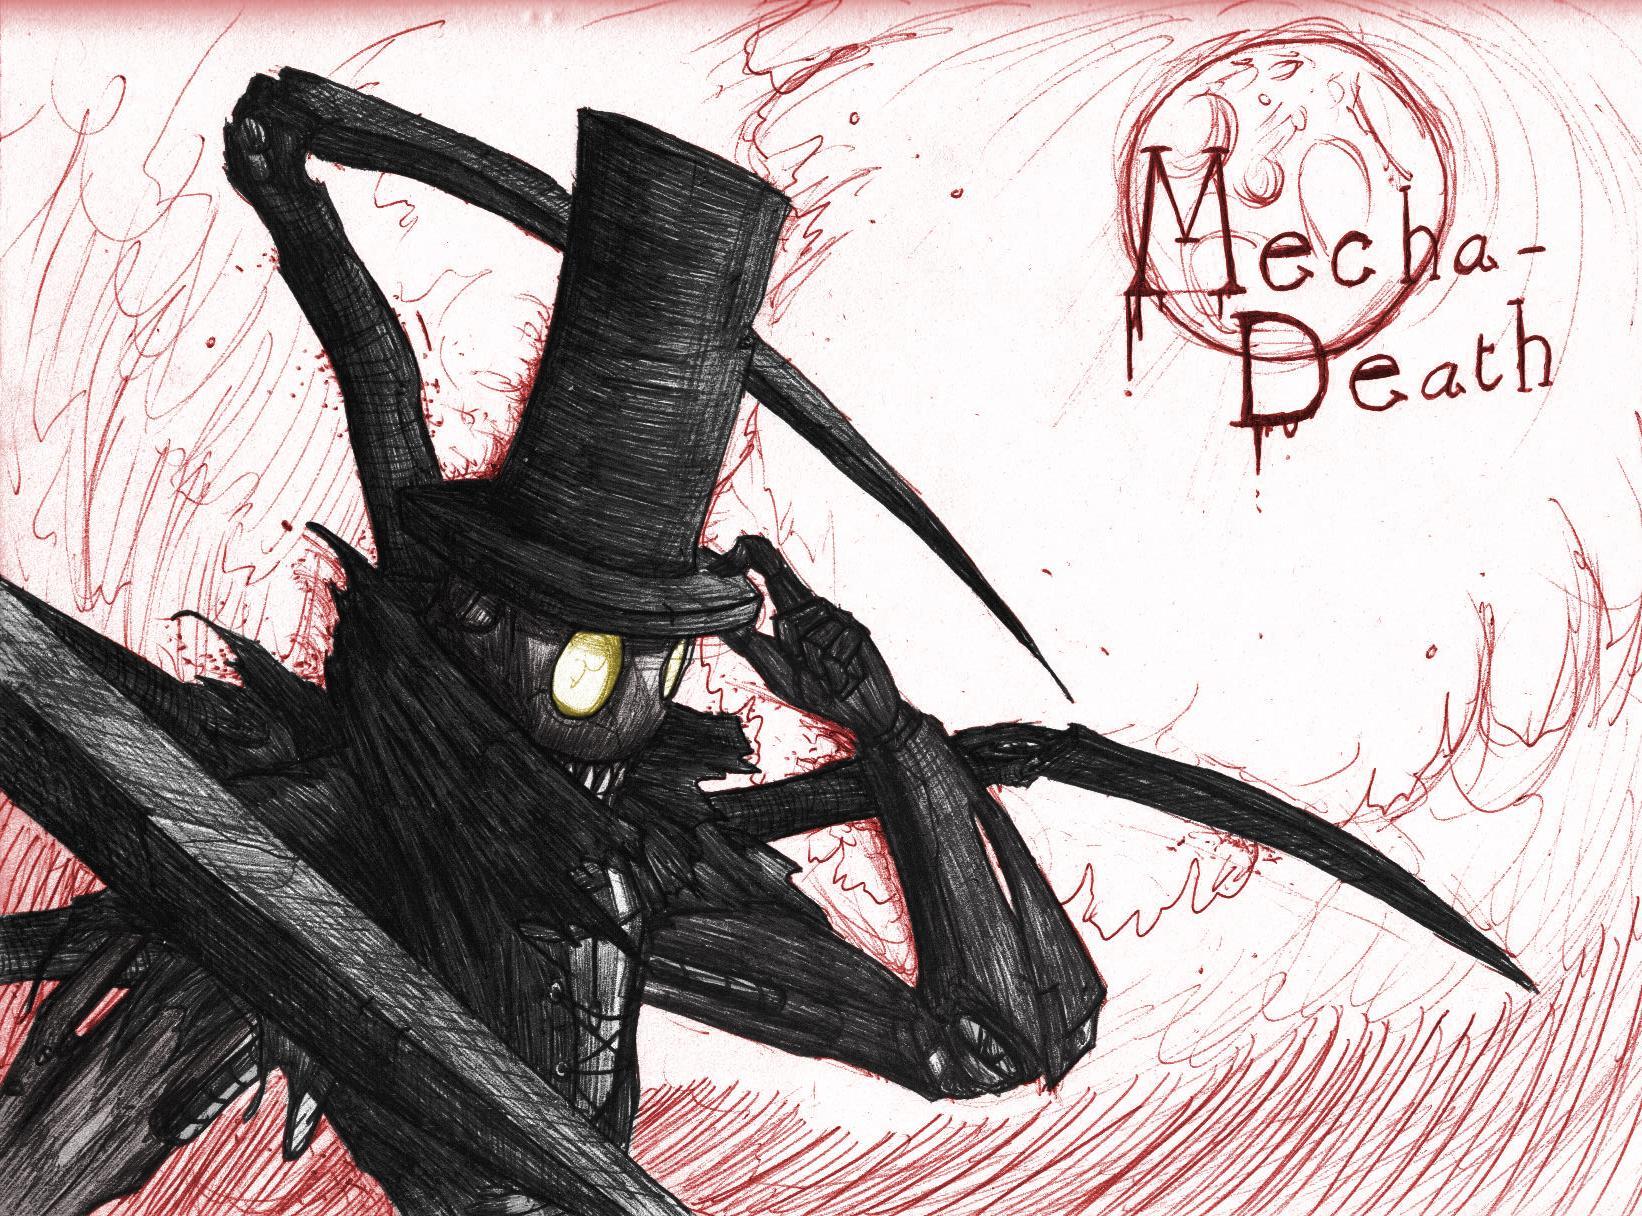 Mecha-Morte